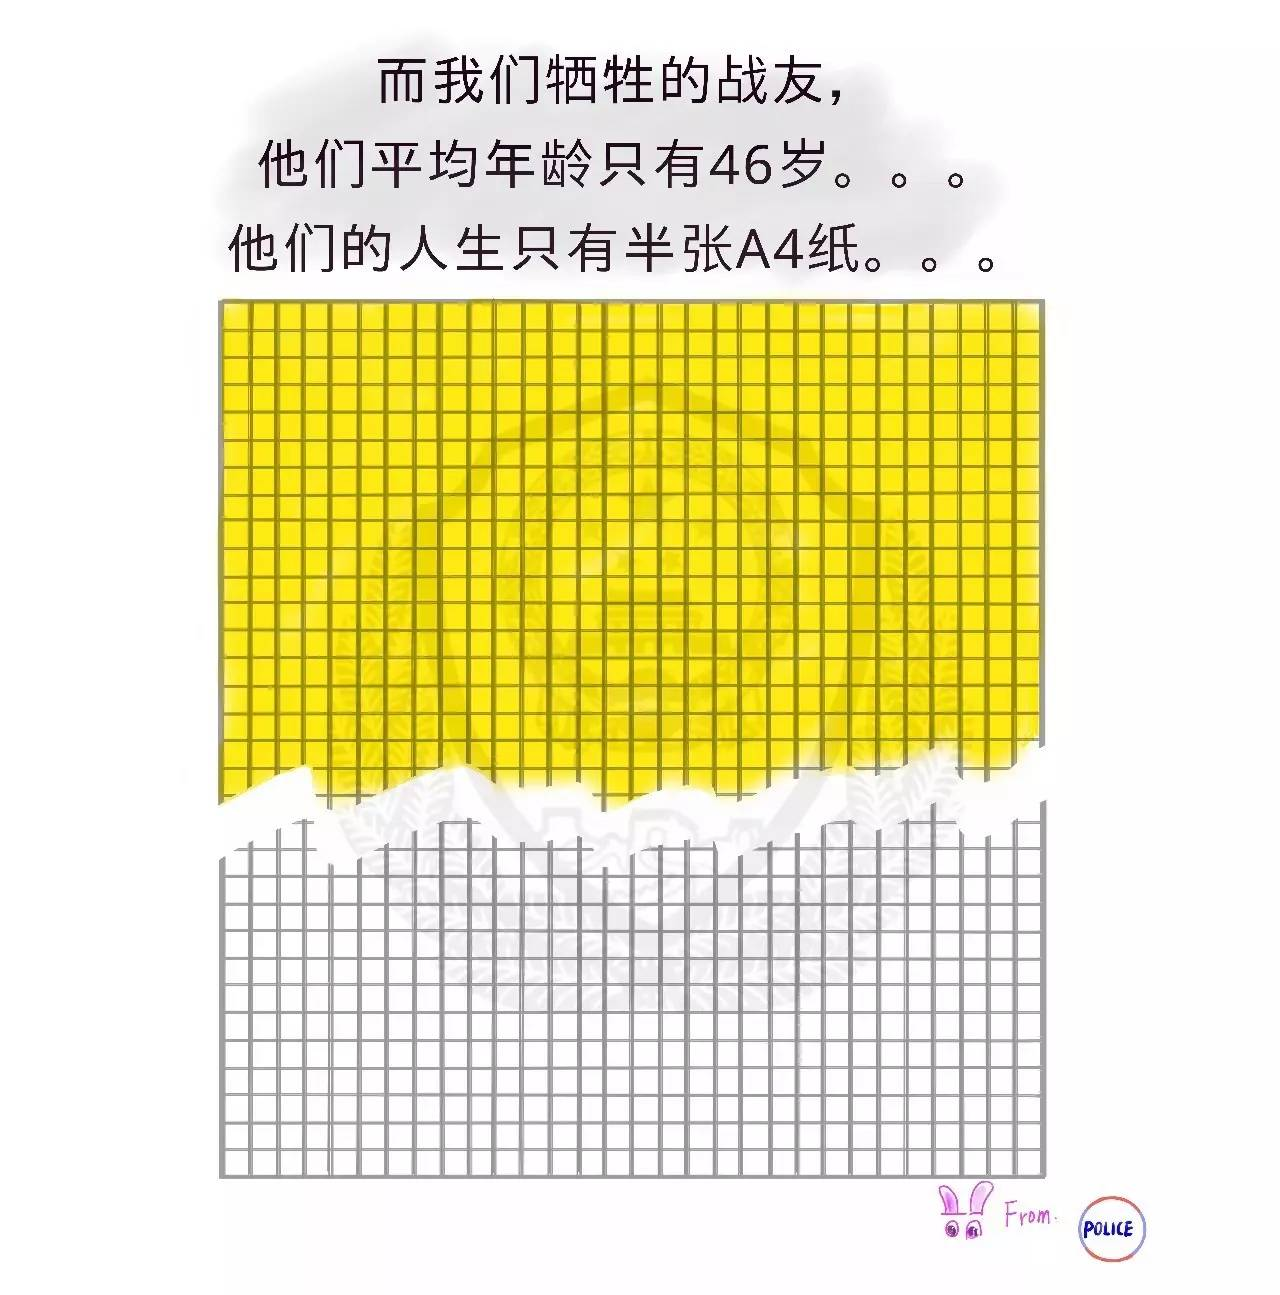 b5纸尺寸是32卡纸尺寸吗?纸张尺寸简介-仪器网